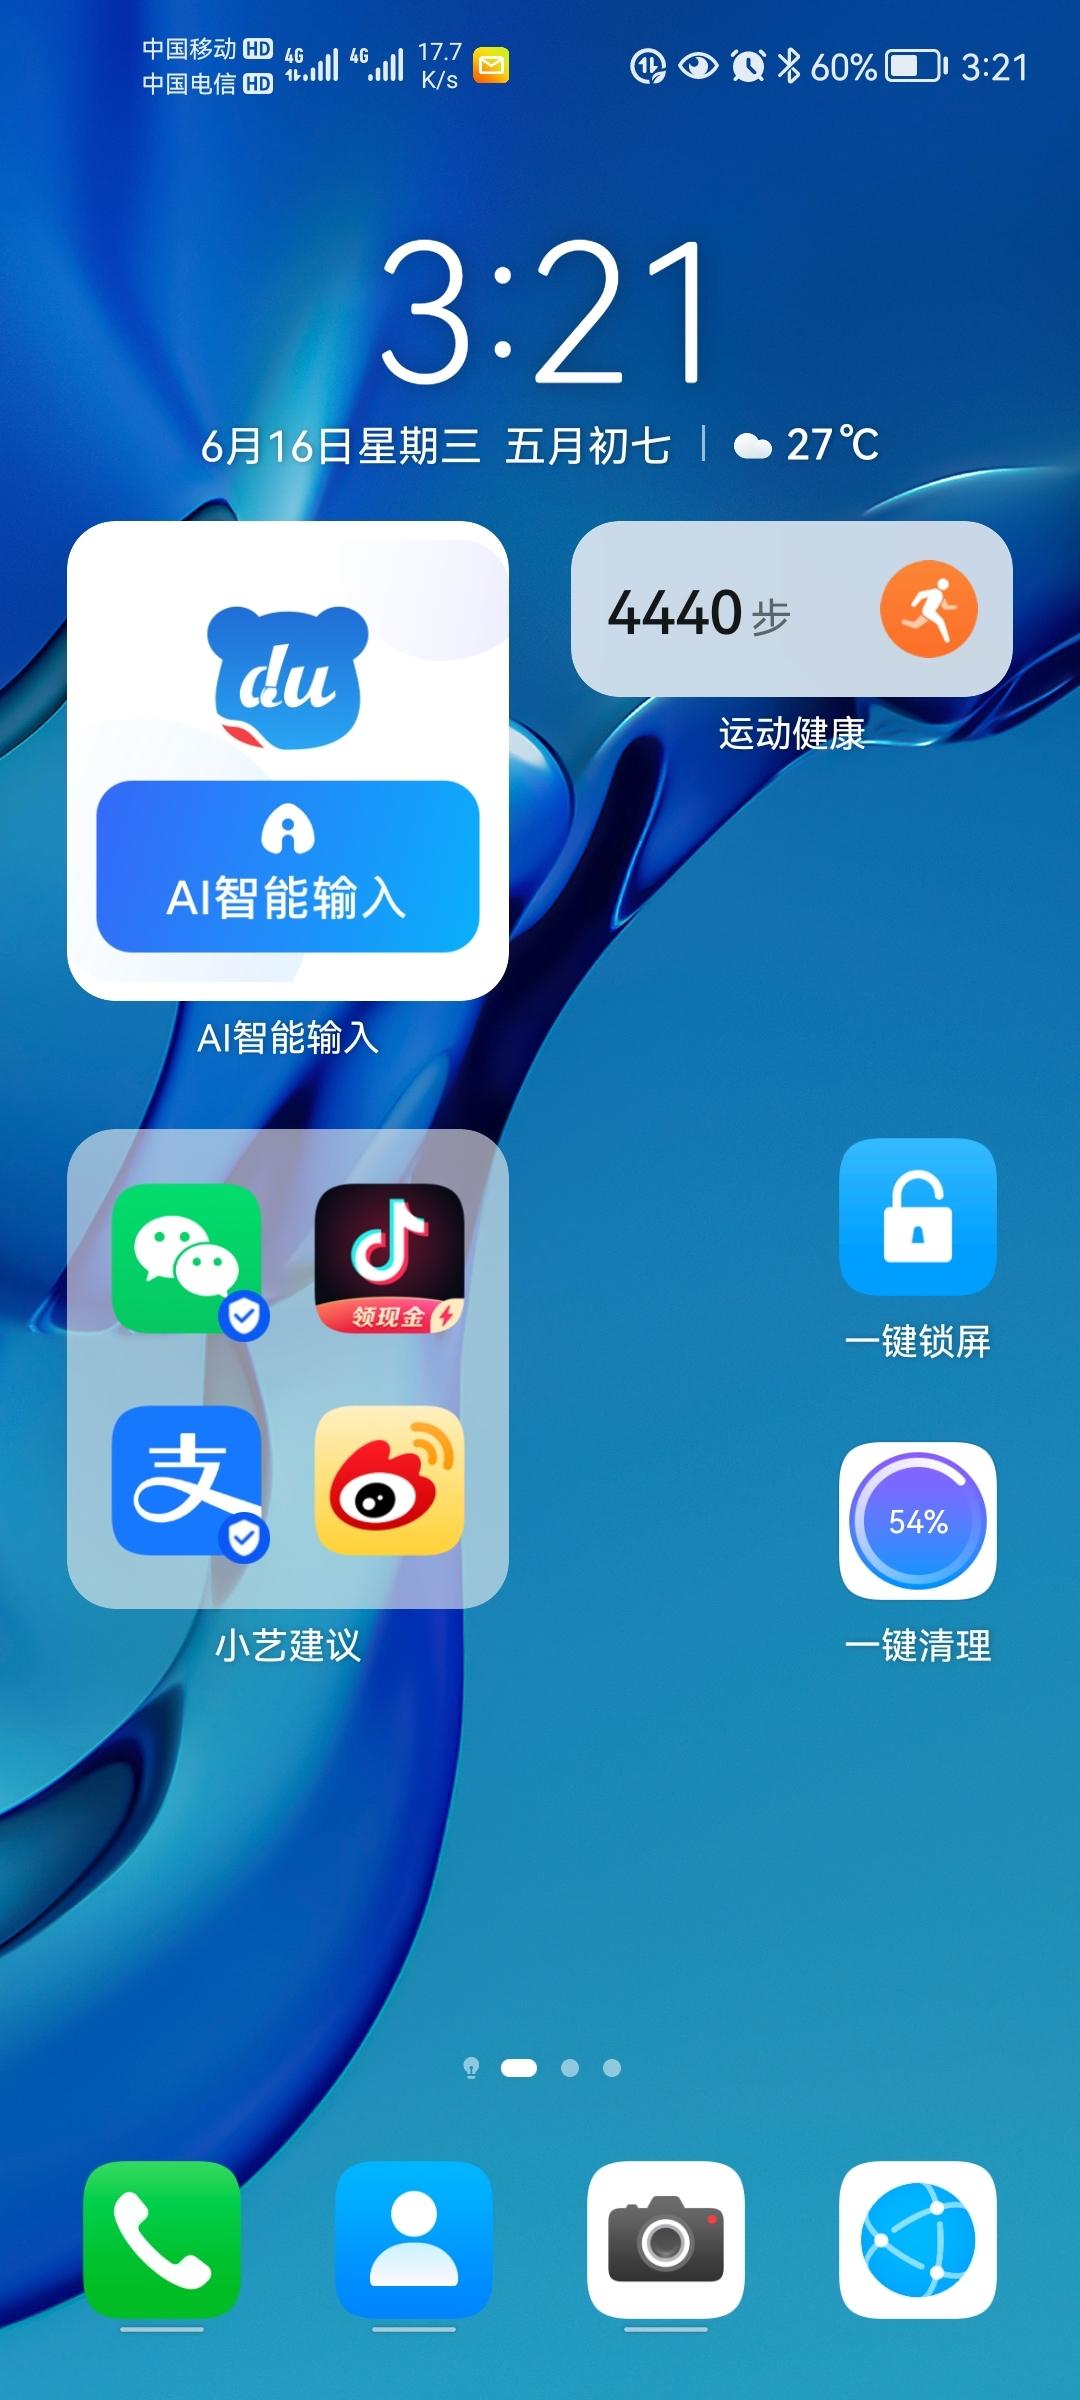 Screenshot_20210616_152103_com.huawei.android.launcher.jpg